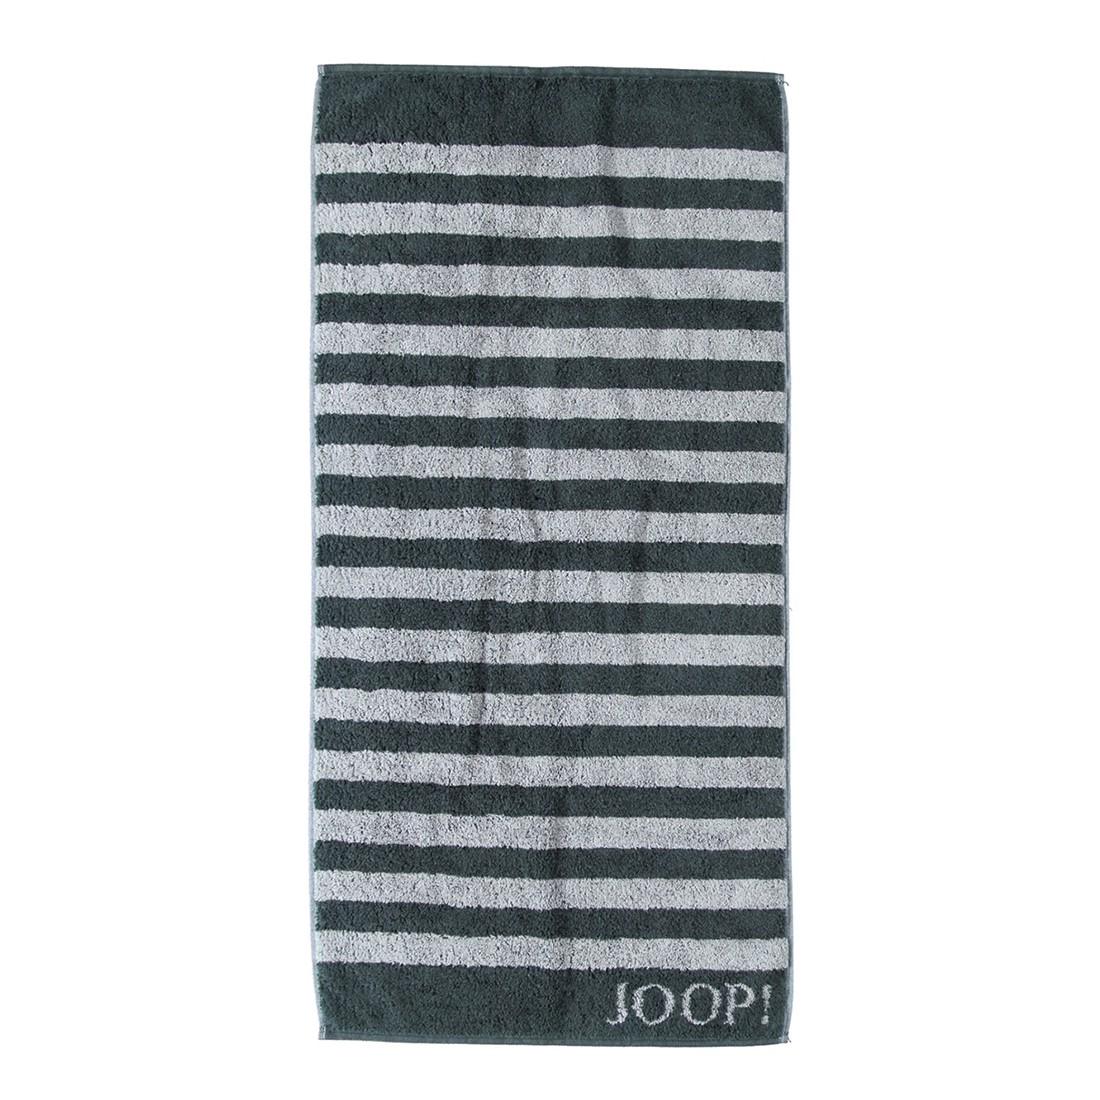 Handtuch Classic Stripes – 100% Baumwolle Schwarz – 97 – Duschtuch: 80 x 150 cm, Joop günstig kaufen